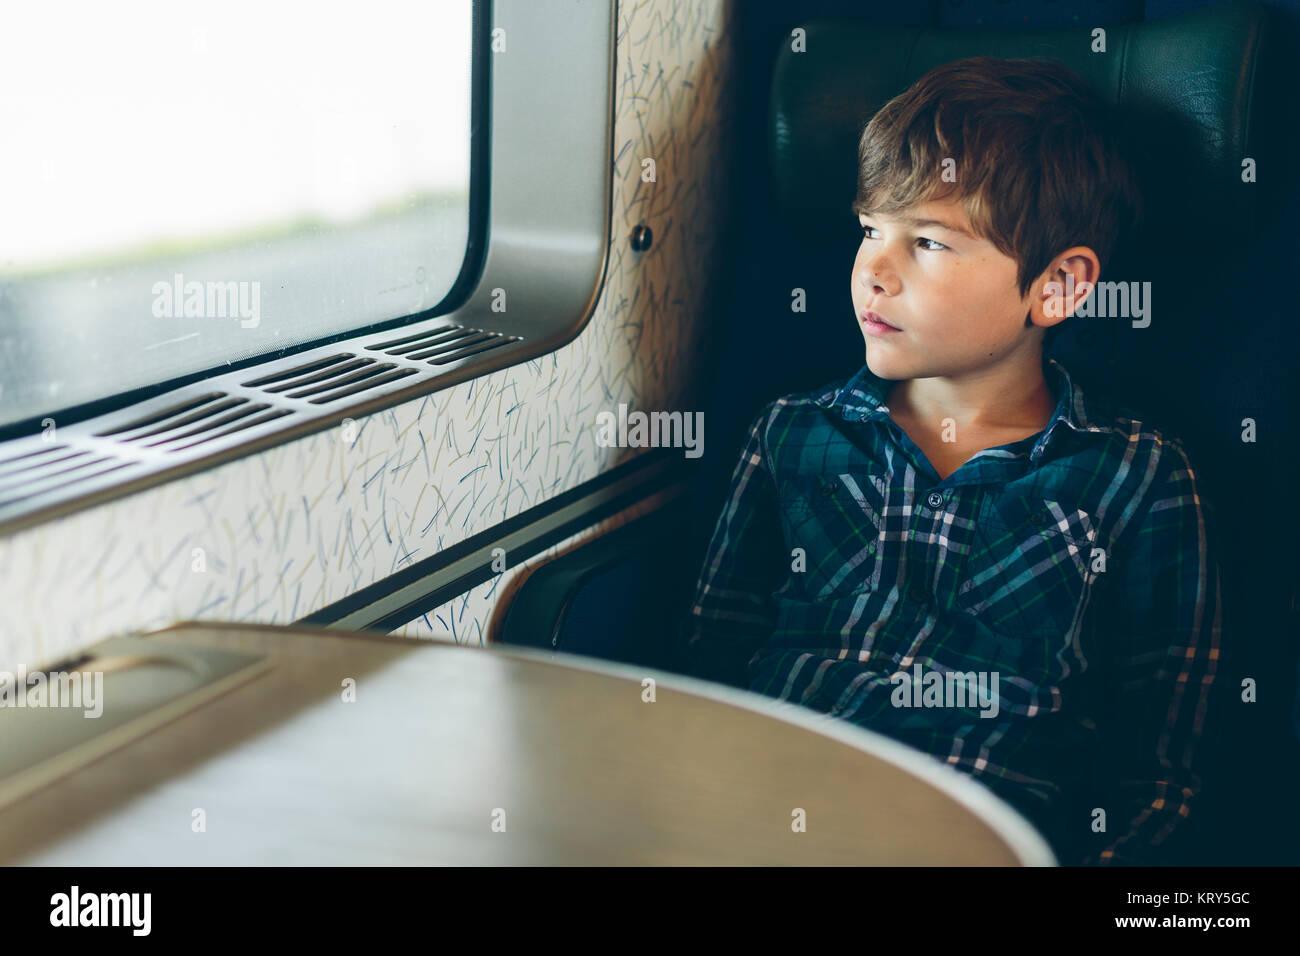 Un jeune garçon voyageant dans un train Photo Stock